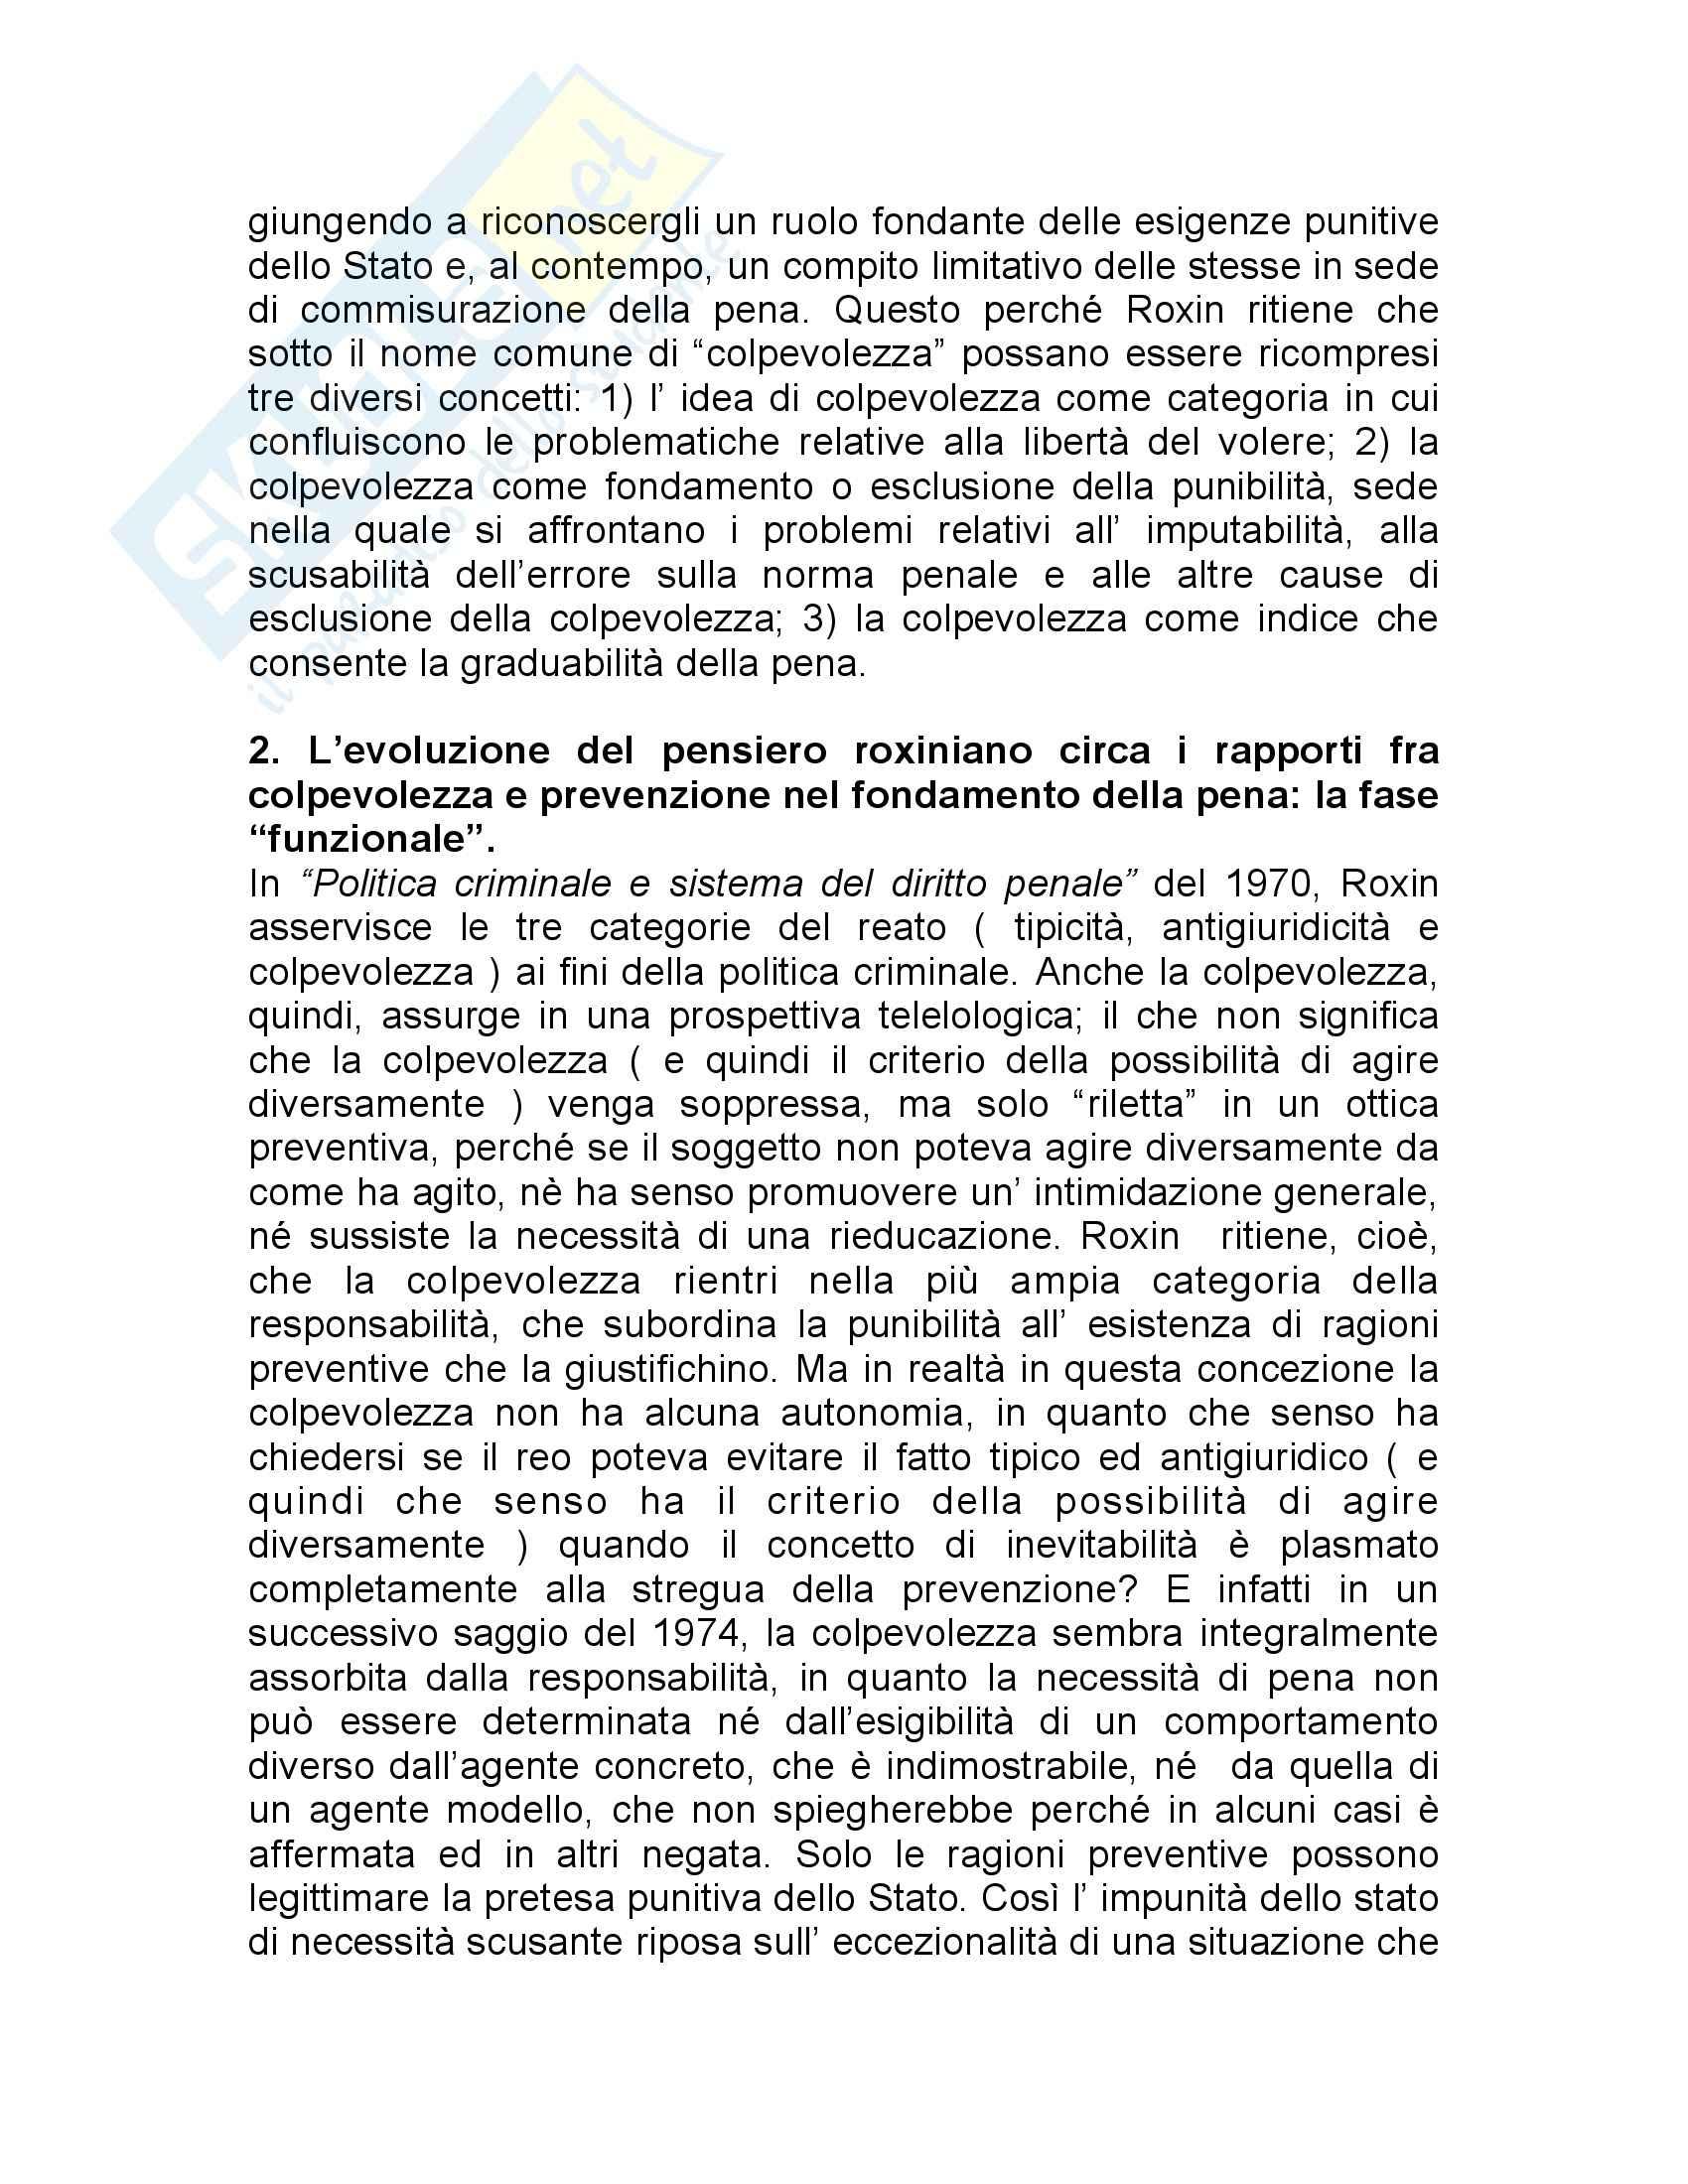 Sociologia della pena - teoria della consapevolezza e scopi della pena Pag. 2